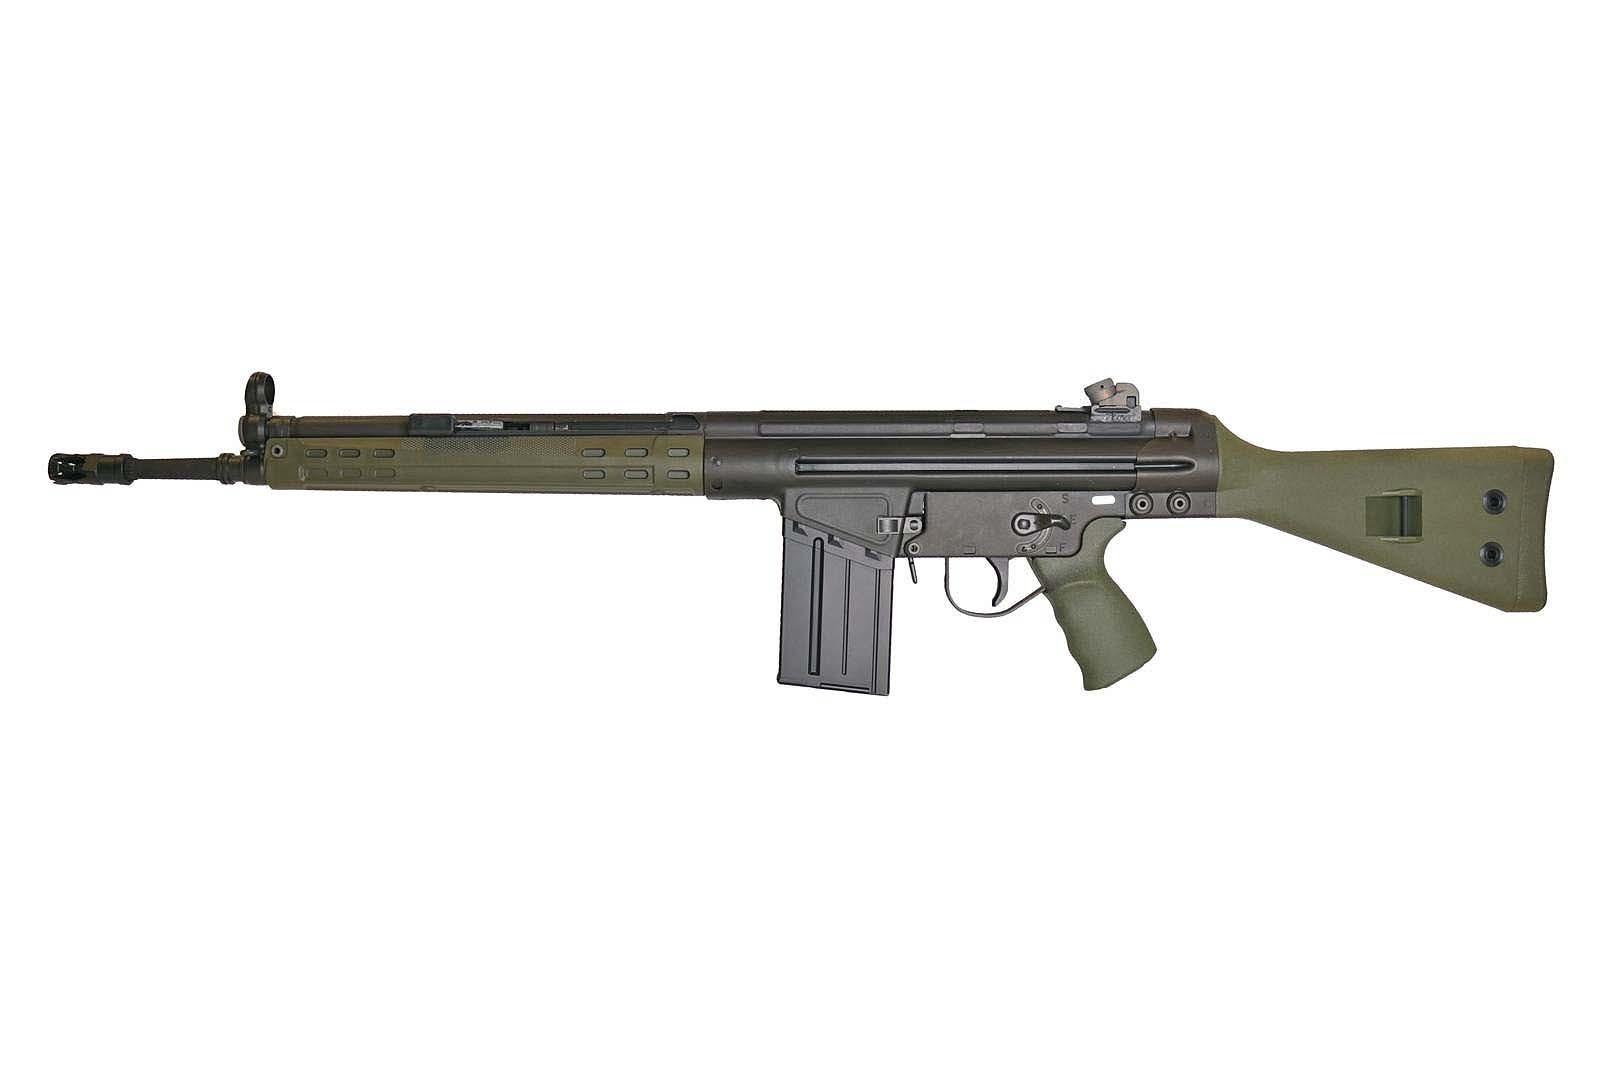 HK G3A3 GBBR